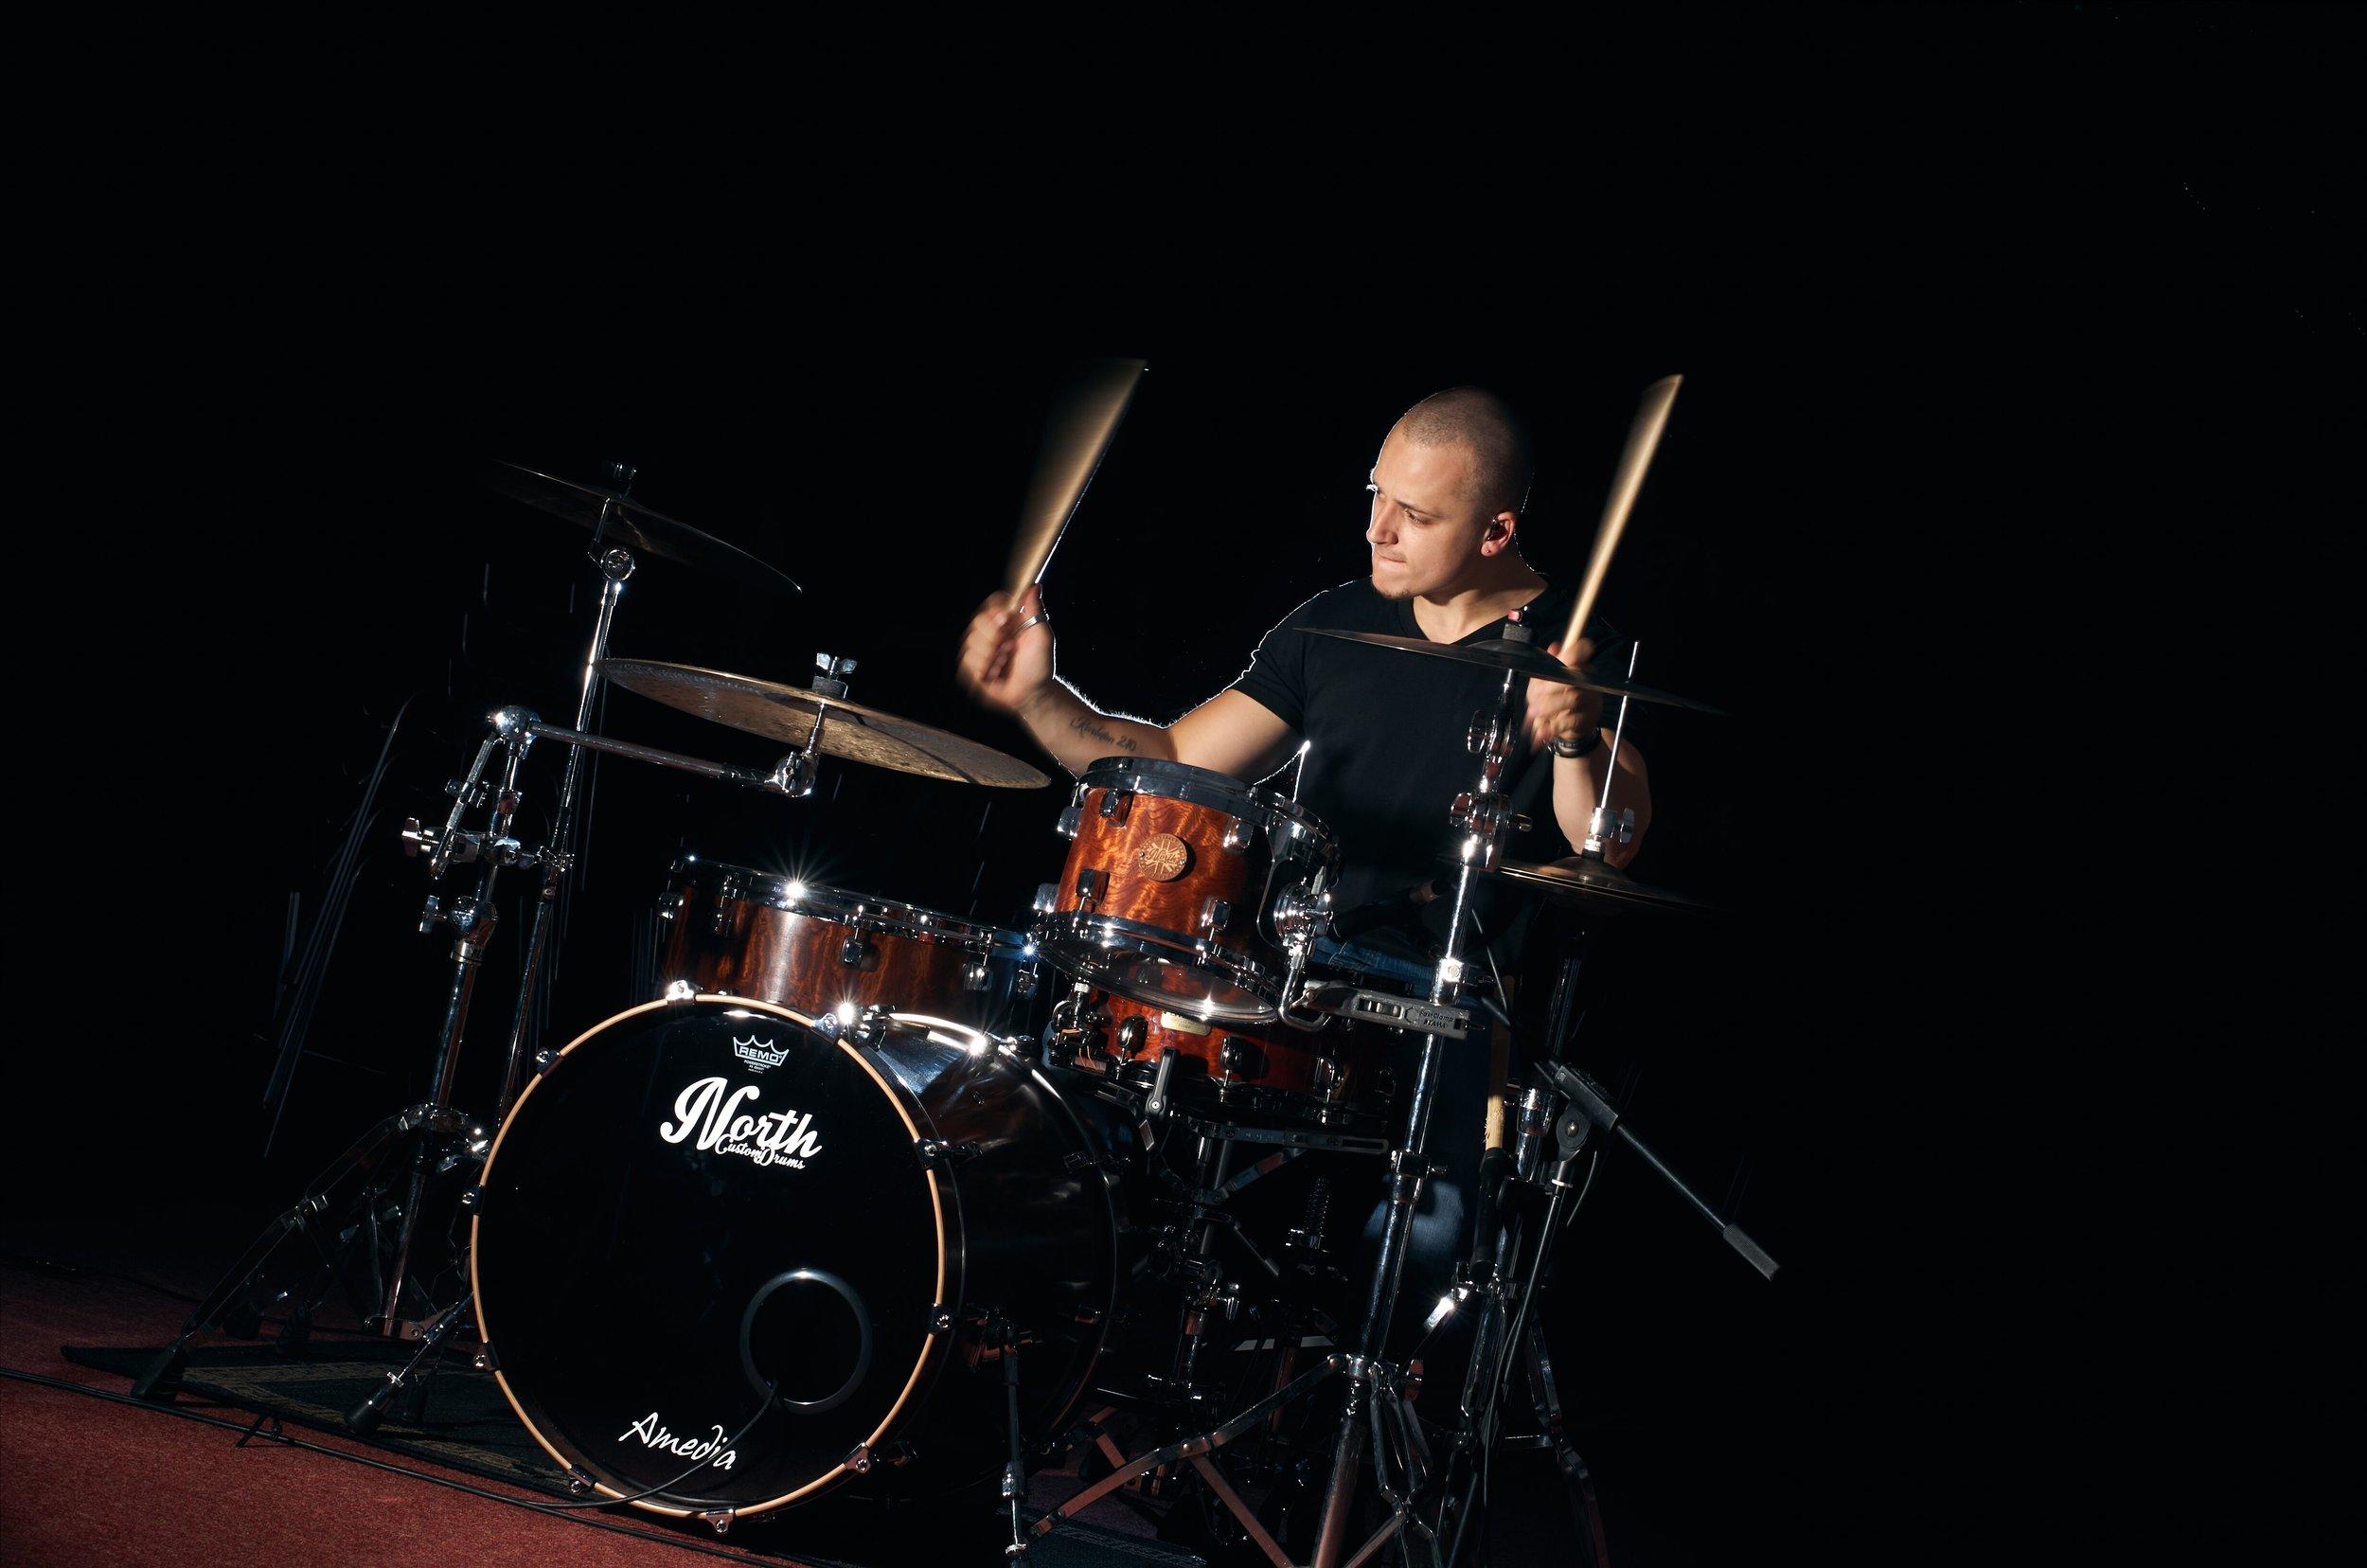 Tim Dale